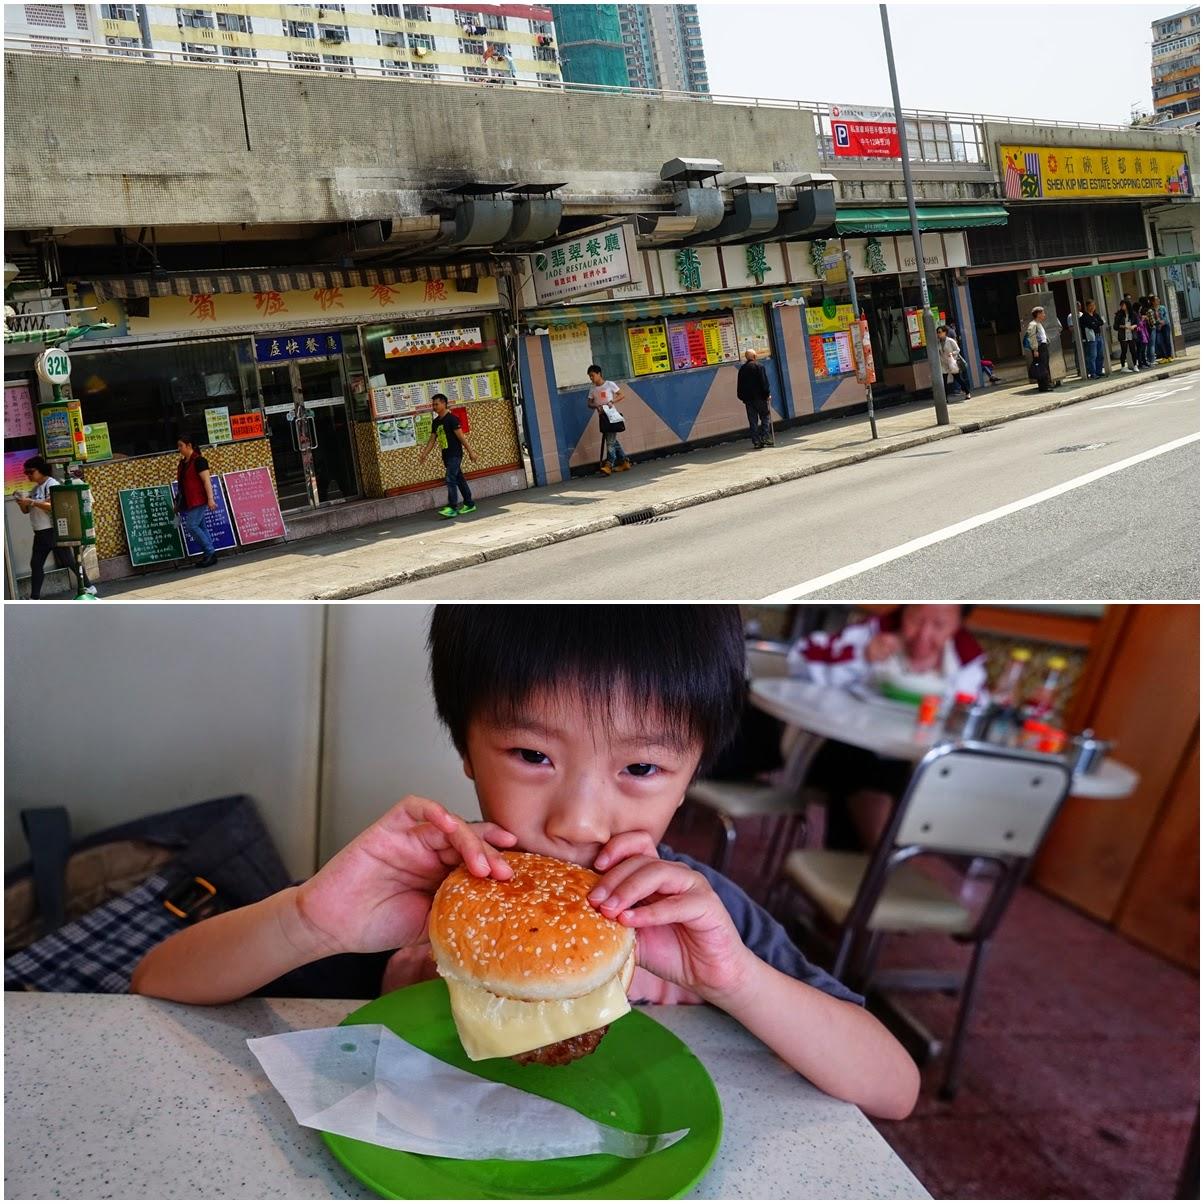 好食過「時新」絶對城市驚喜的$10漢堡包 @ 石硤尾賓墟快餐廳 | 大仁生活 – U Blog 博客